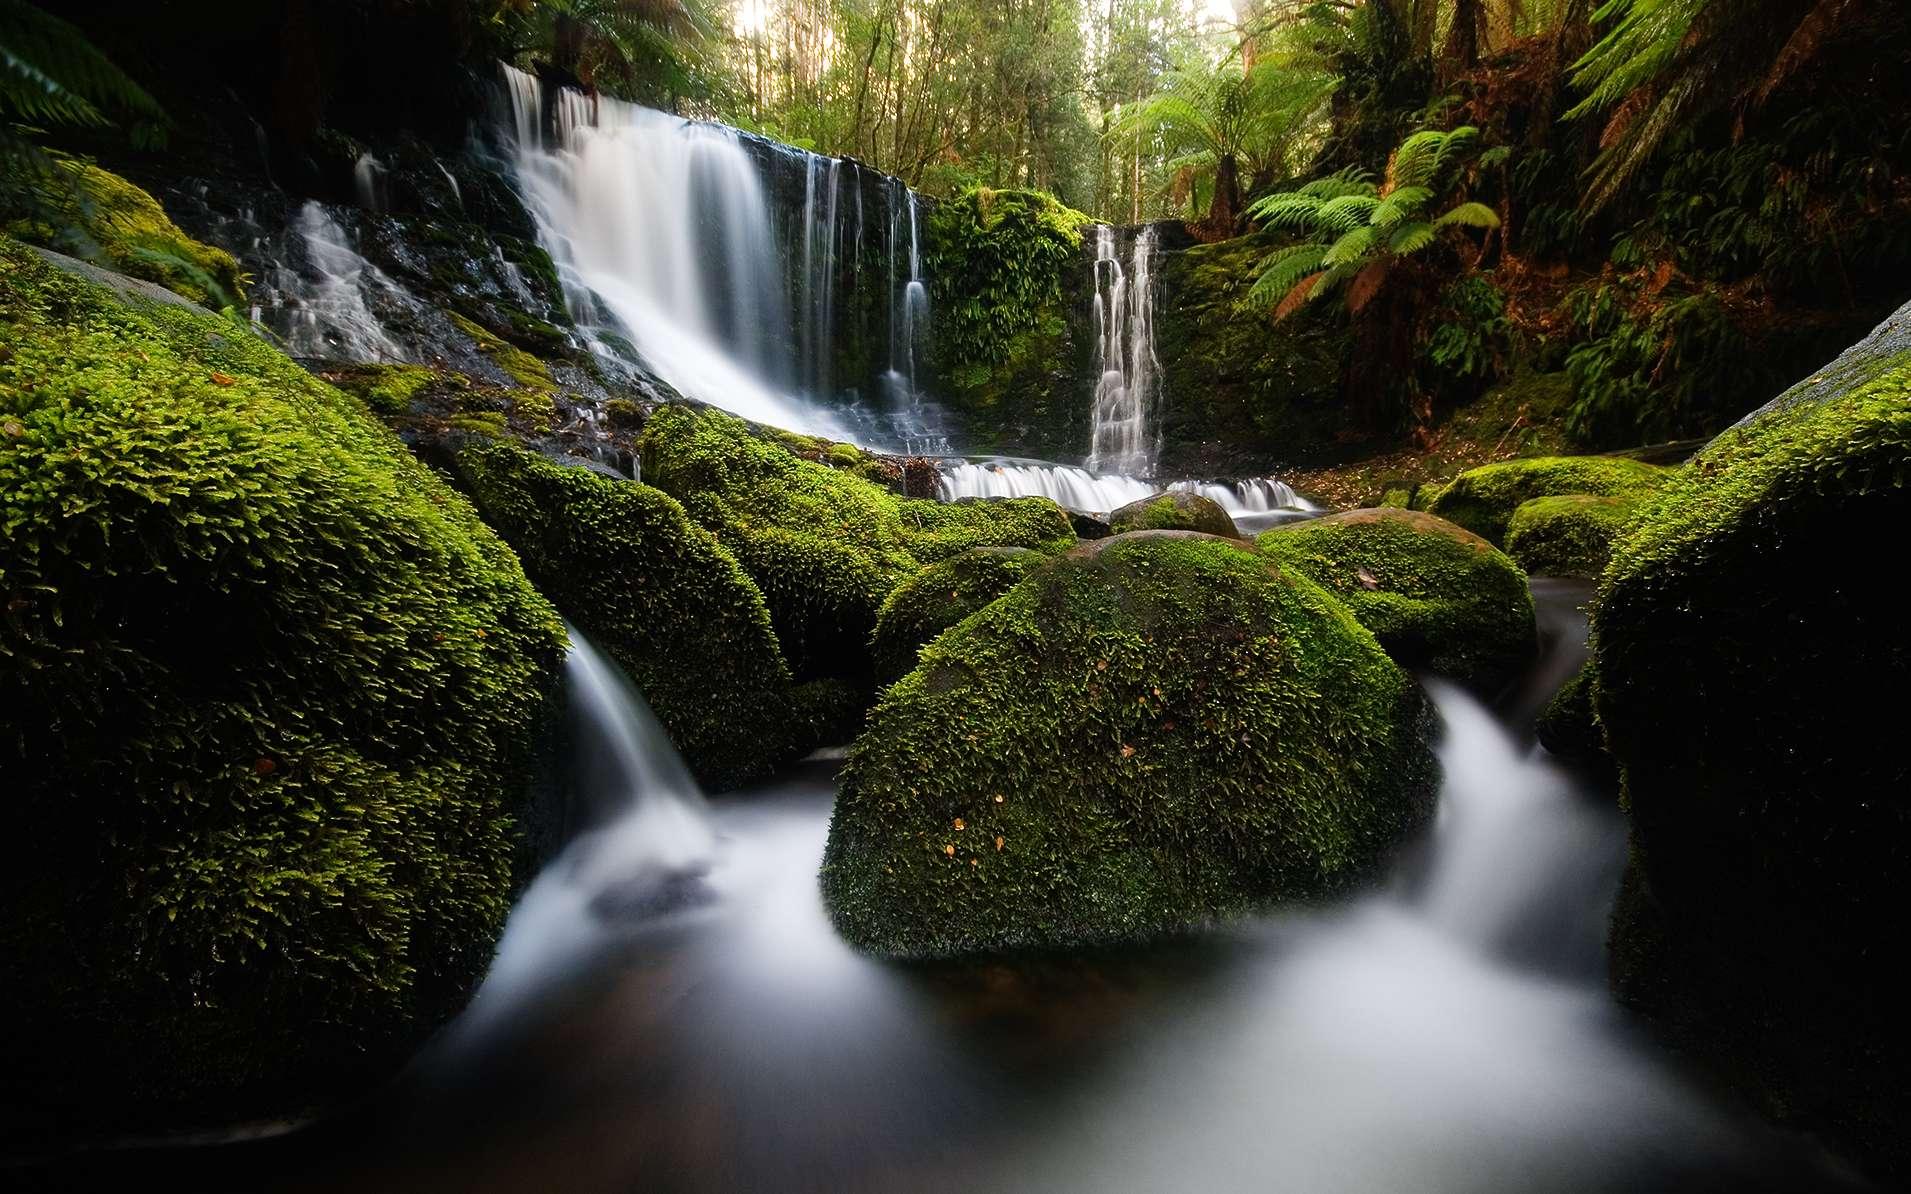 Chutes d'eau du parc national de mont Field. © JJ Harrison, Wikimedia, cc by sa 3.0